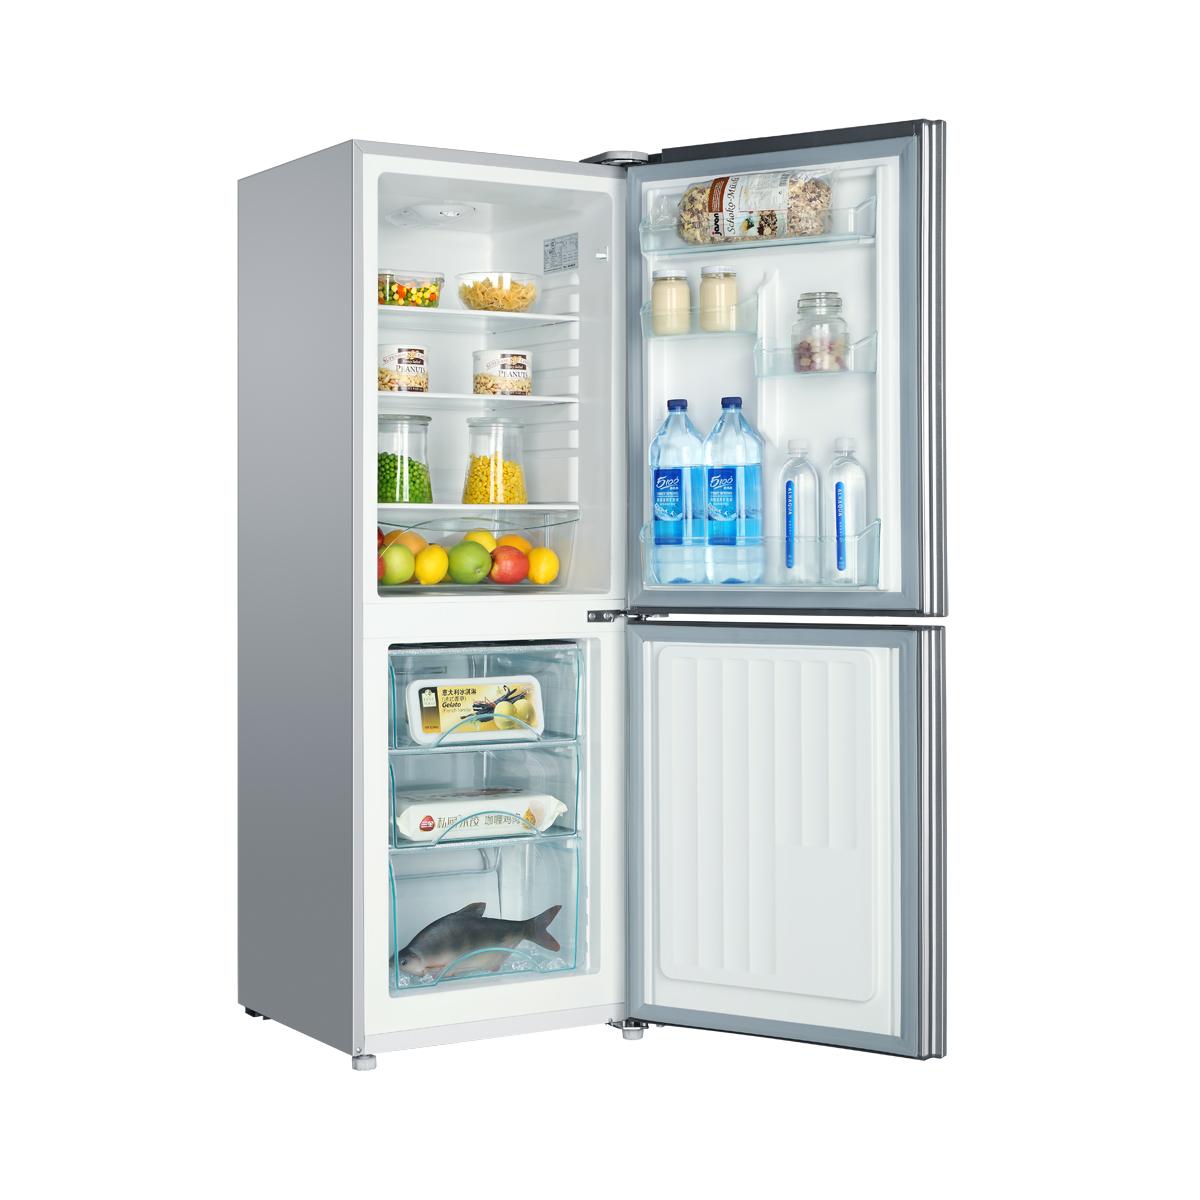 海尔冰箱如何调节温度?